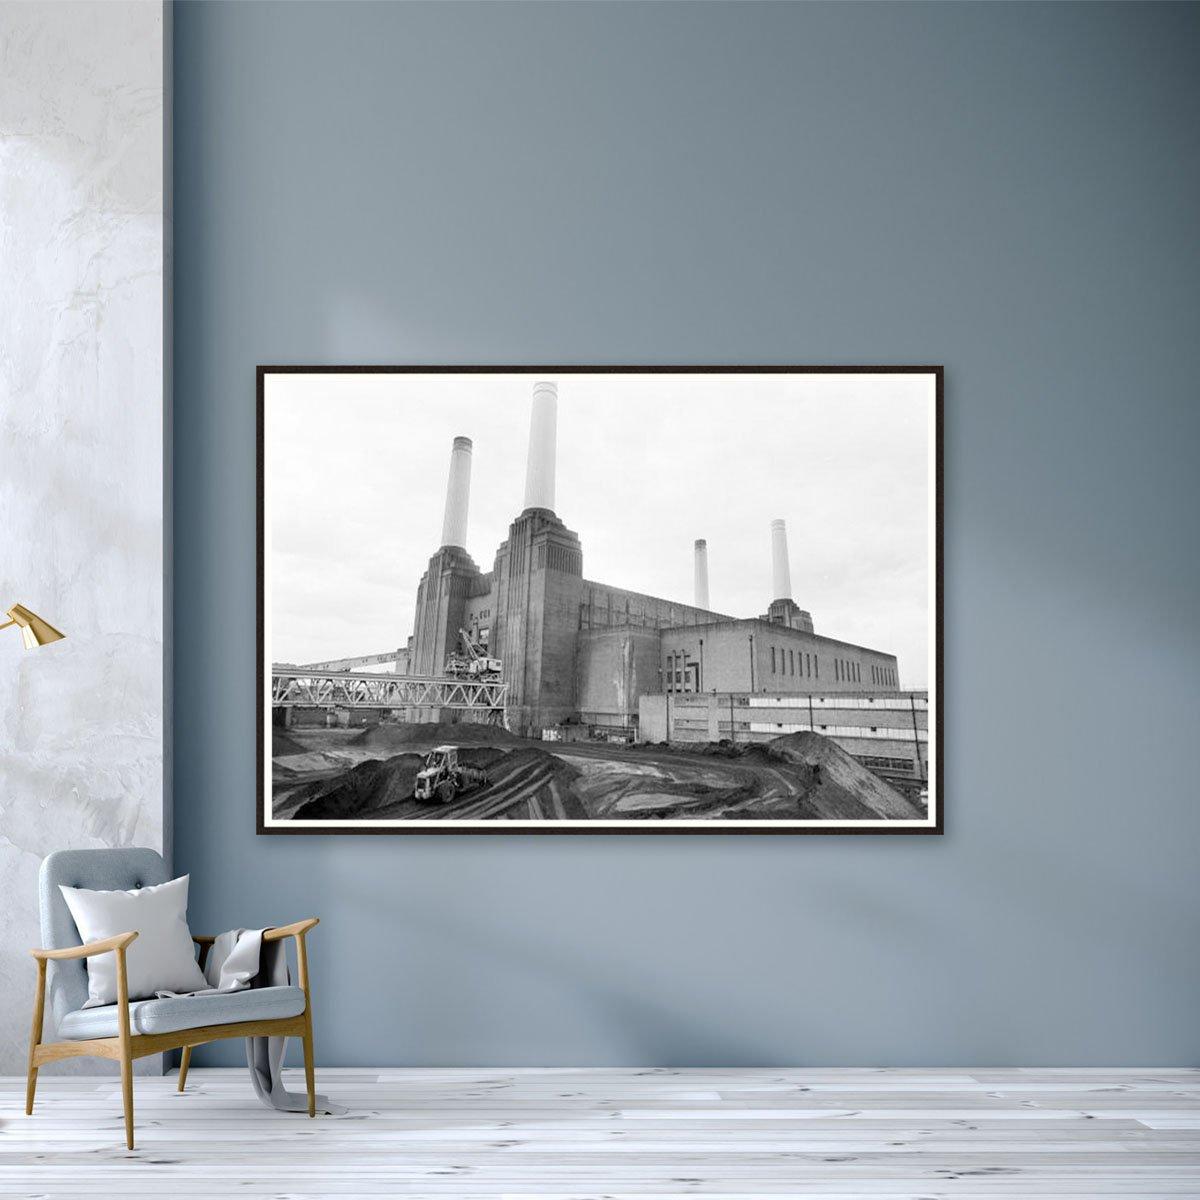 Battersea Power Station by Ian Tyas